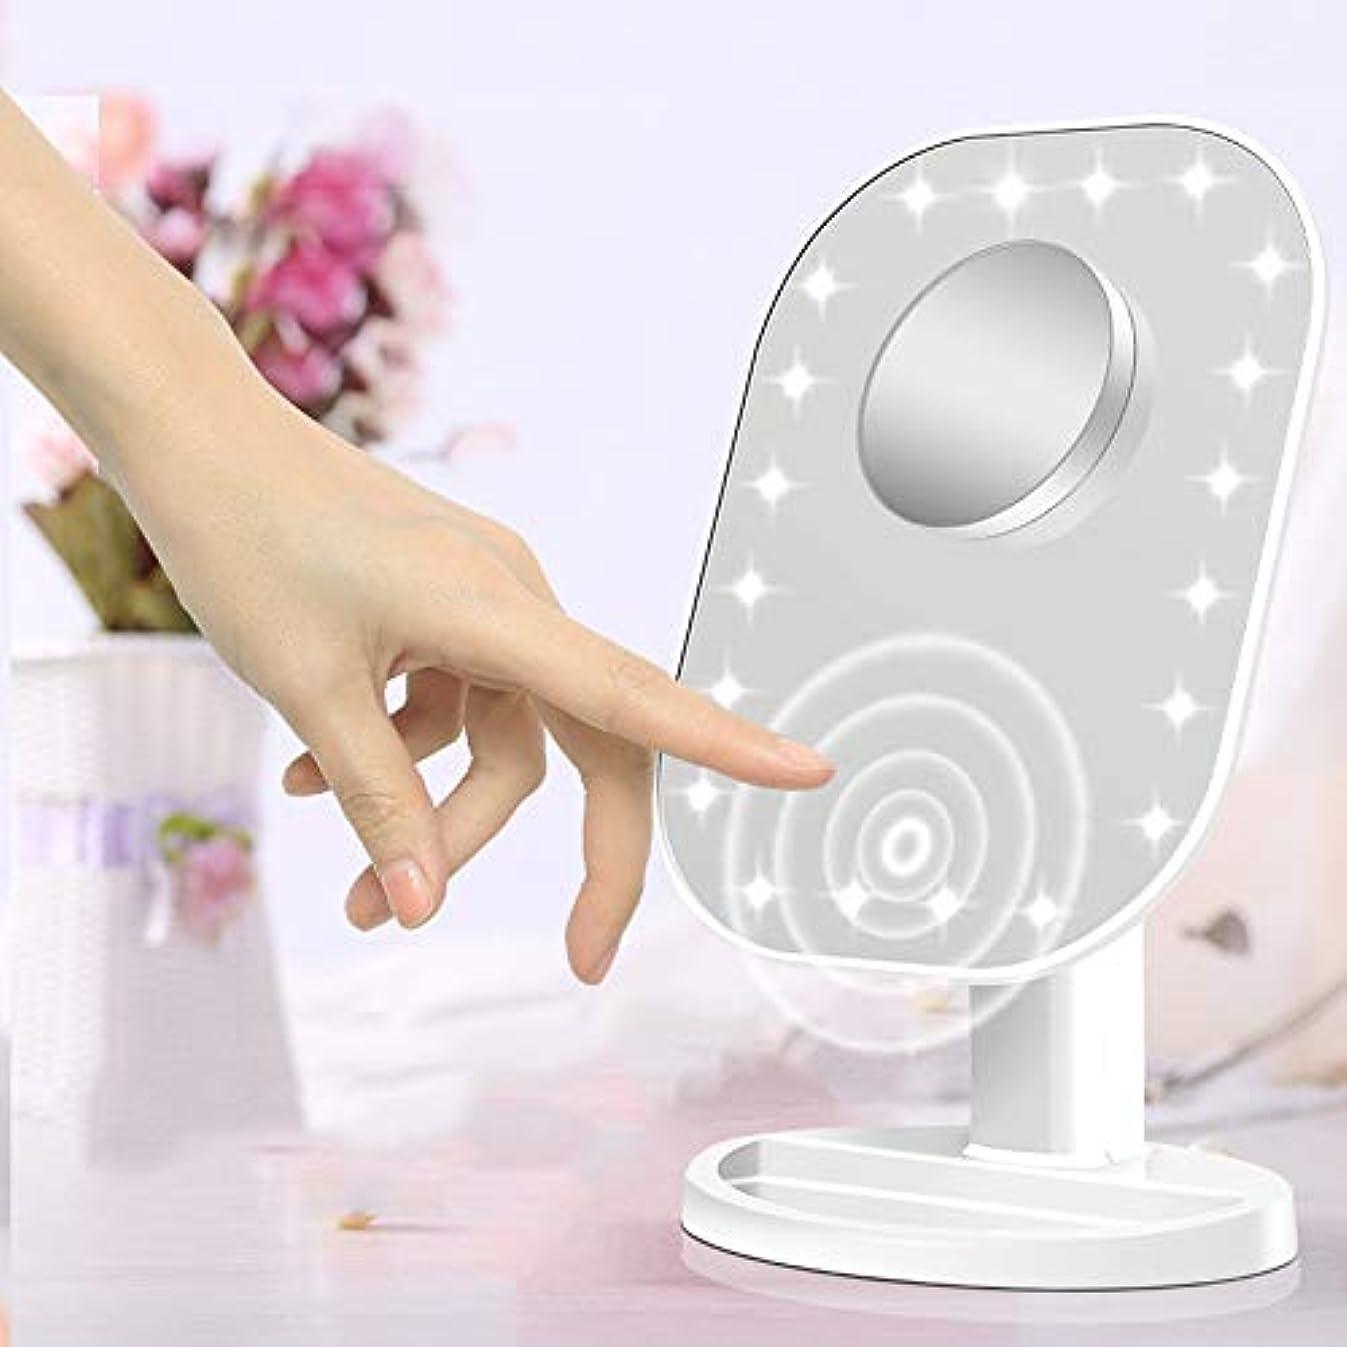 キャンペーン保有者チロ流行の 新しいデスクトップクリエイティブタッチセンサーled化粧鏡10倍拡大美容化粧鏡フィルライト化粧鏡ピンクホワイト (色 : Pink)